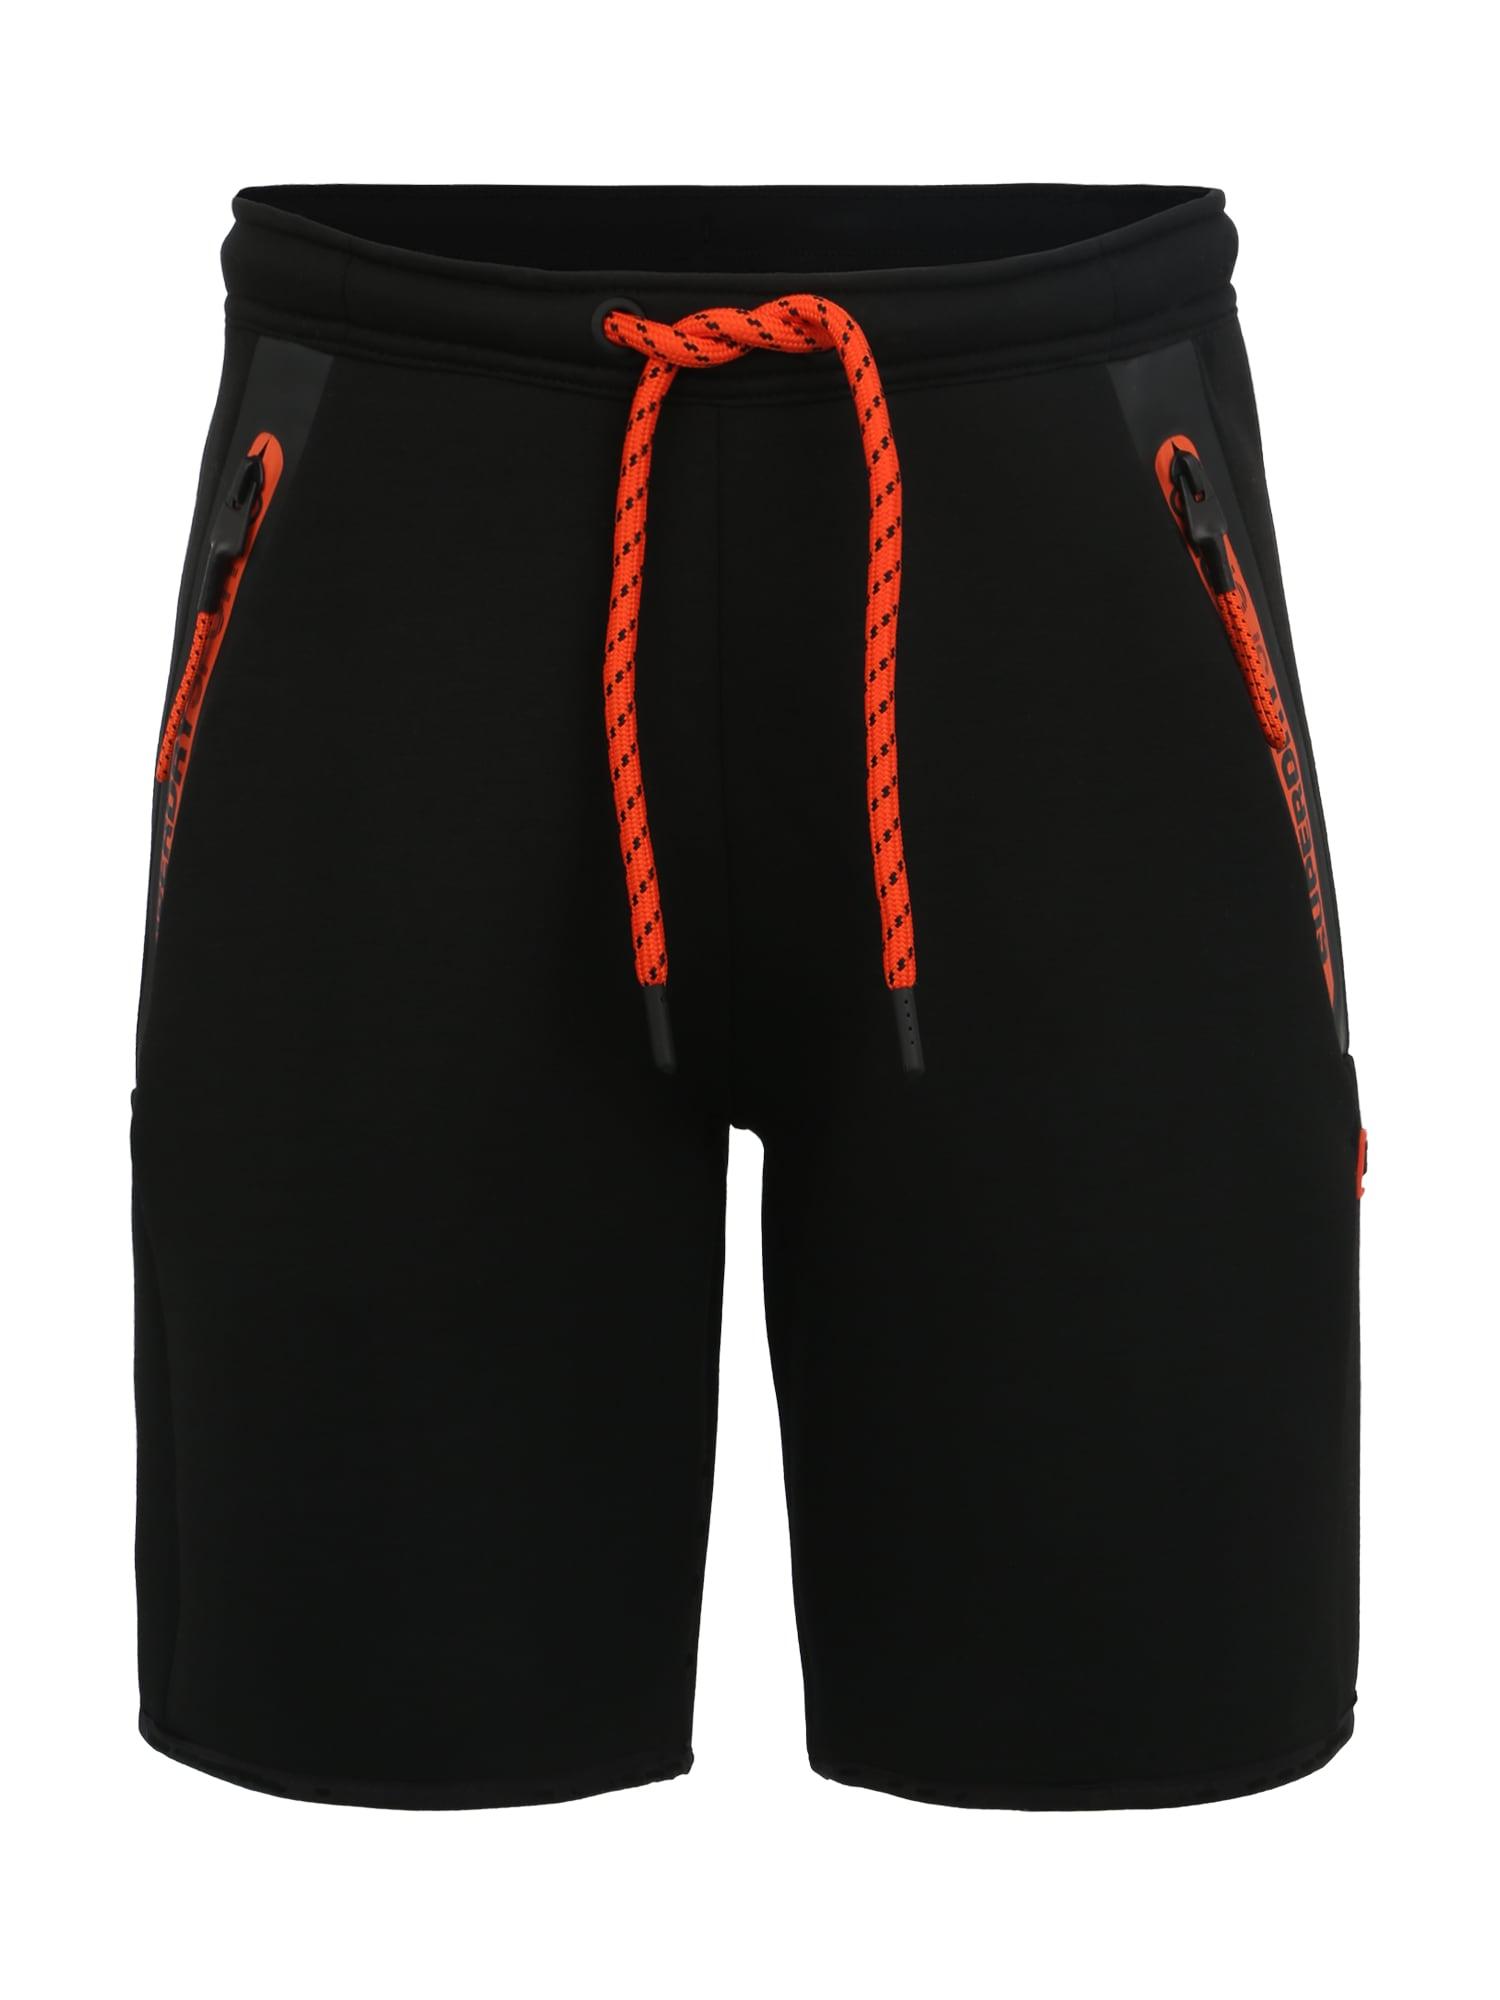 Sportovní kalhoty Gym Tech oranžově červená černá Superdry